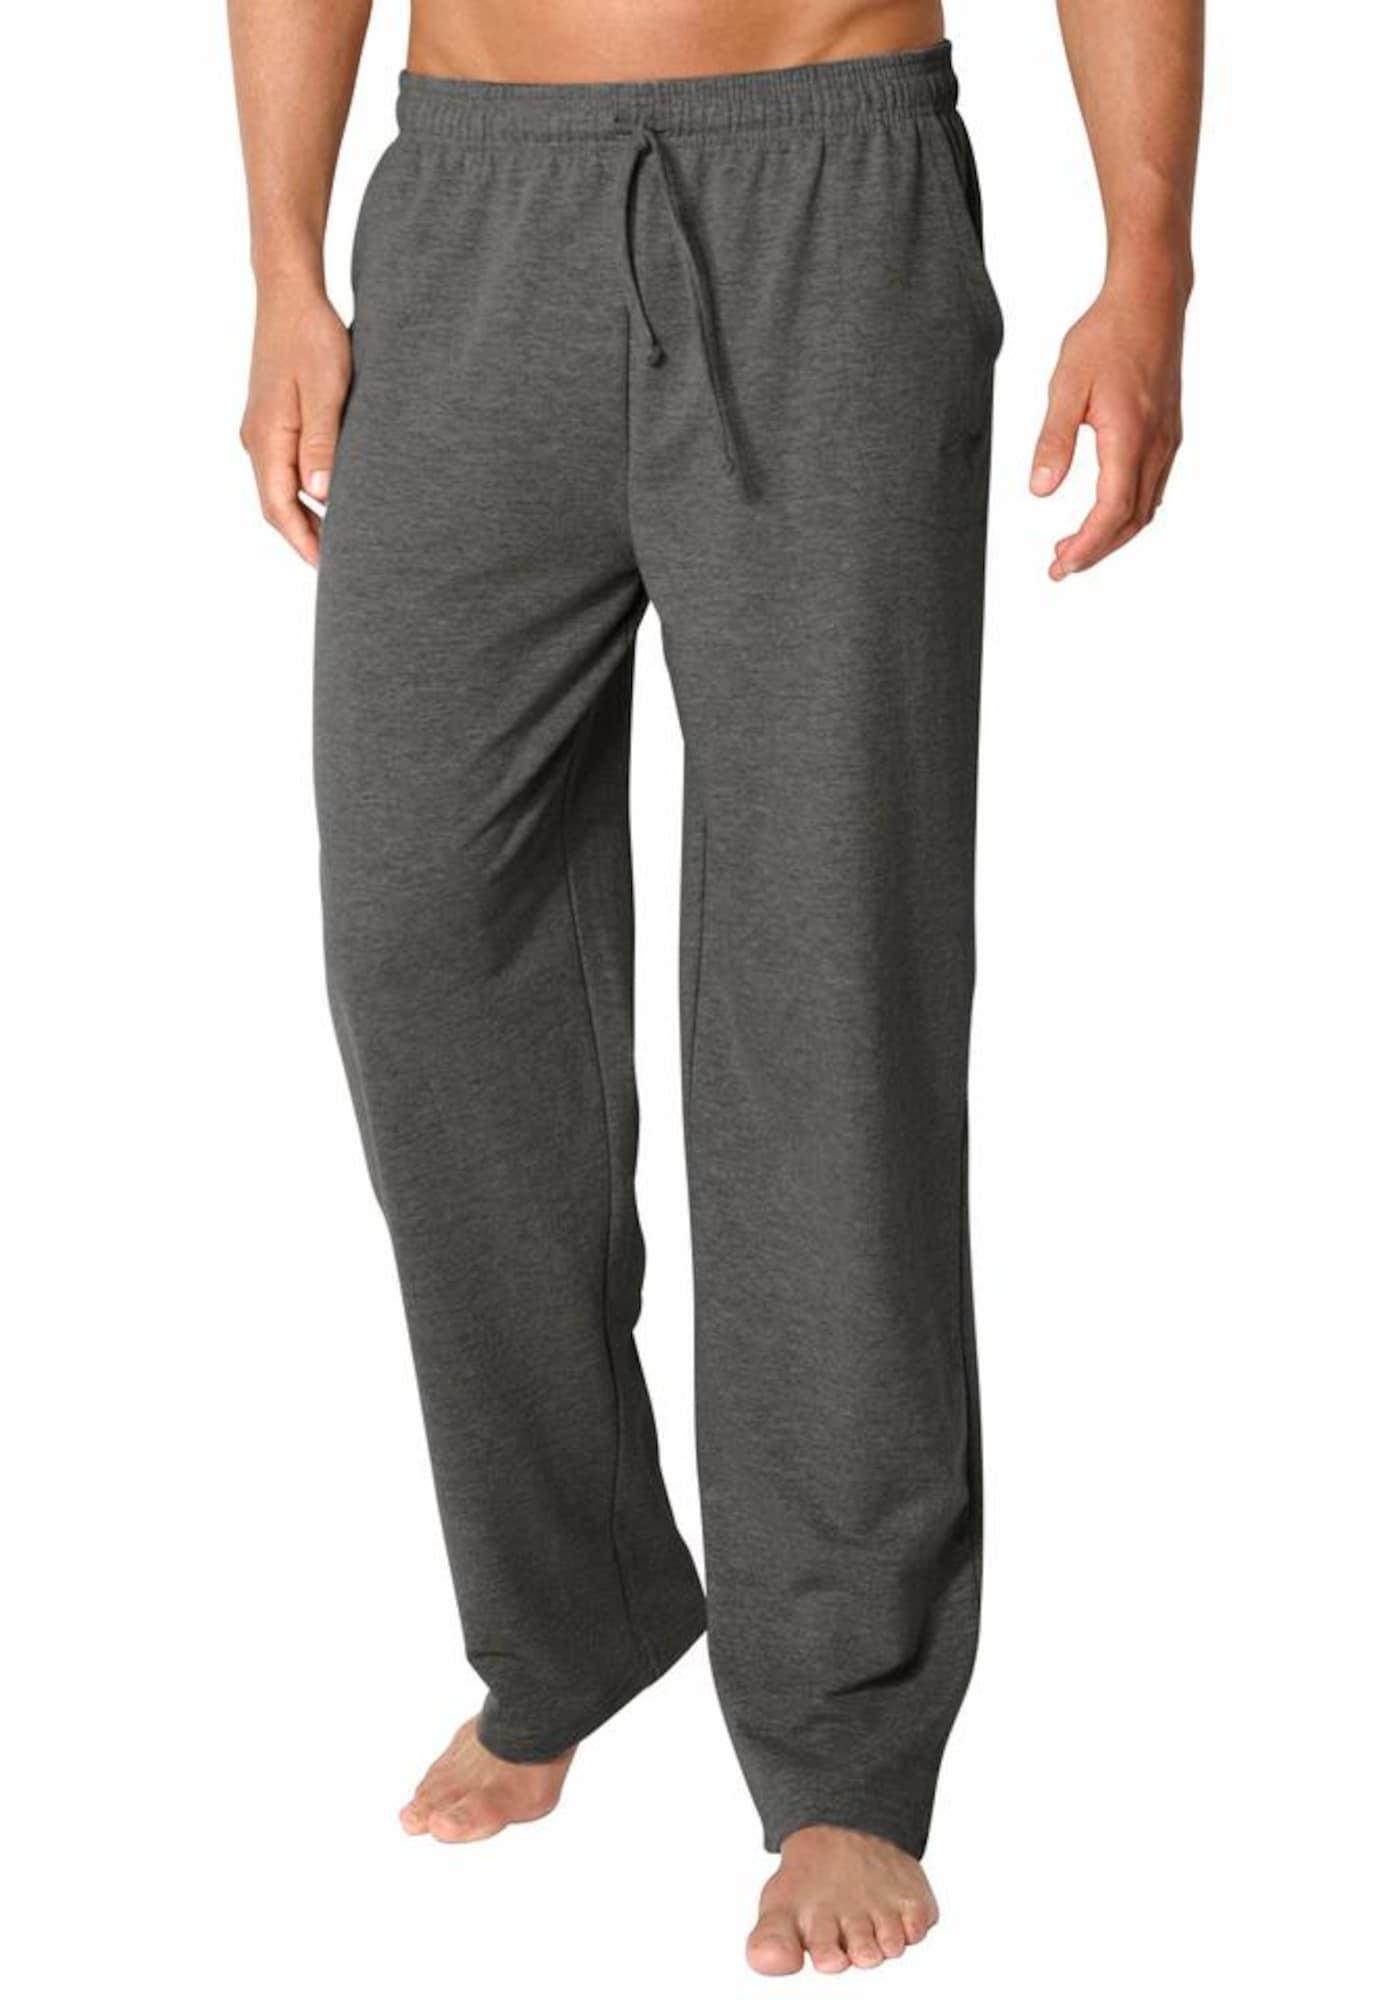 KangaROOS Pižaminės kelnės antracito